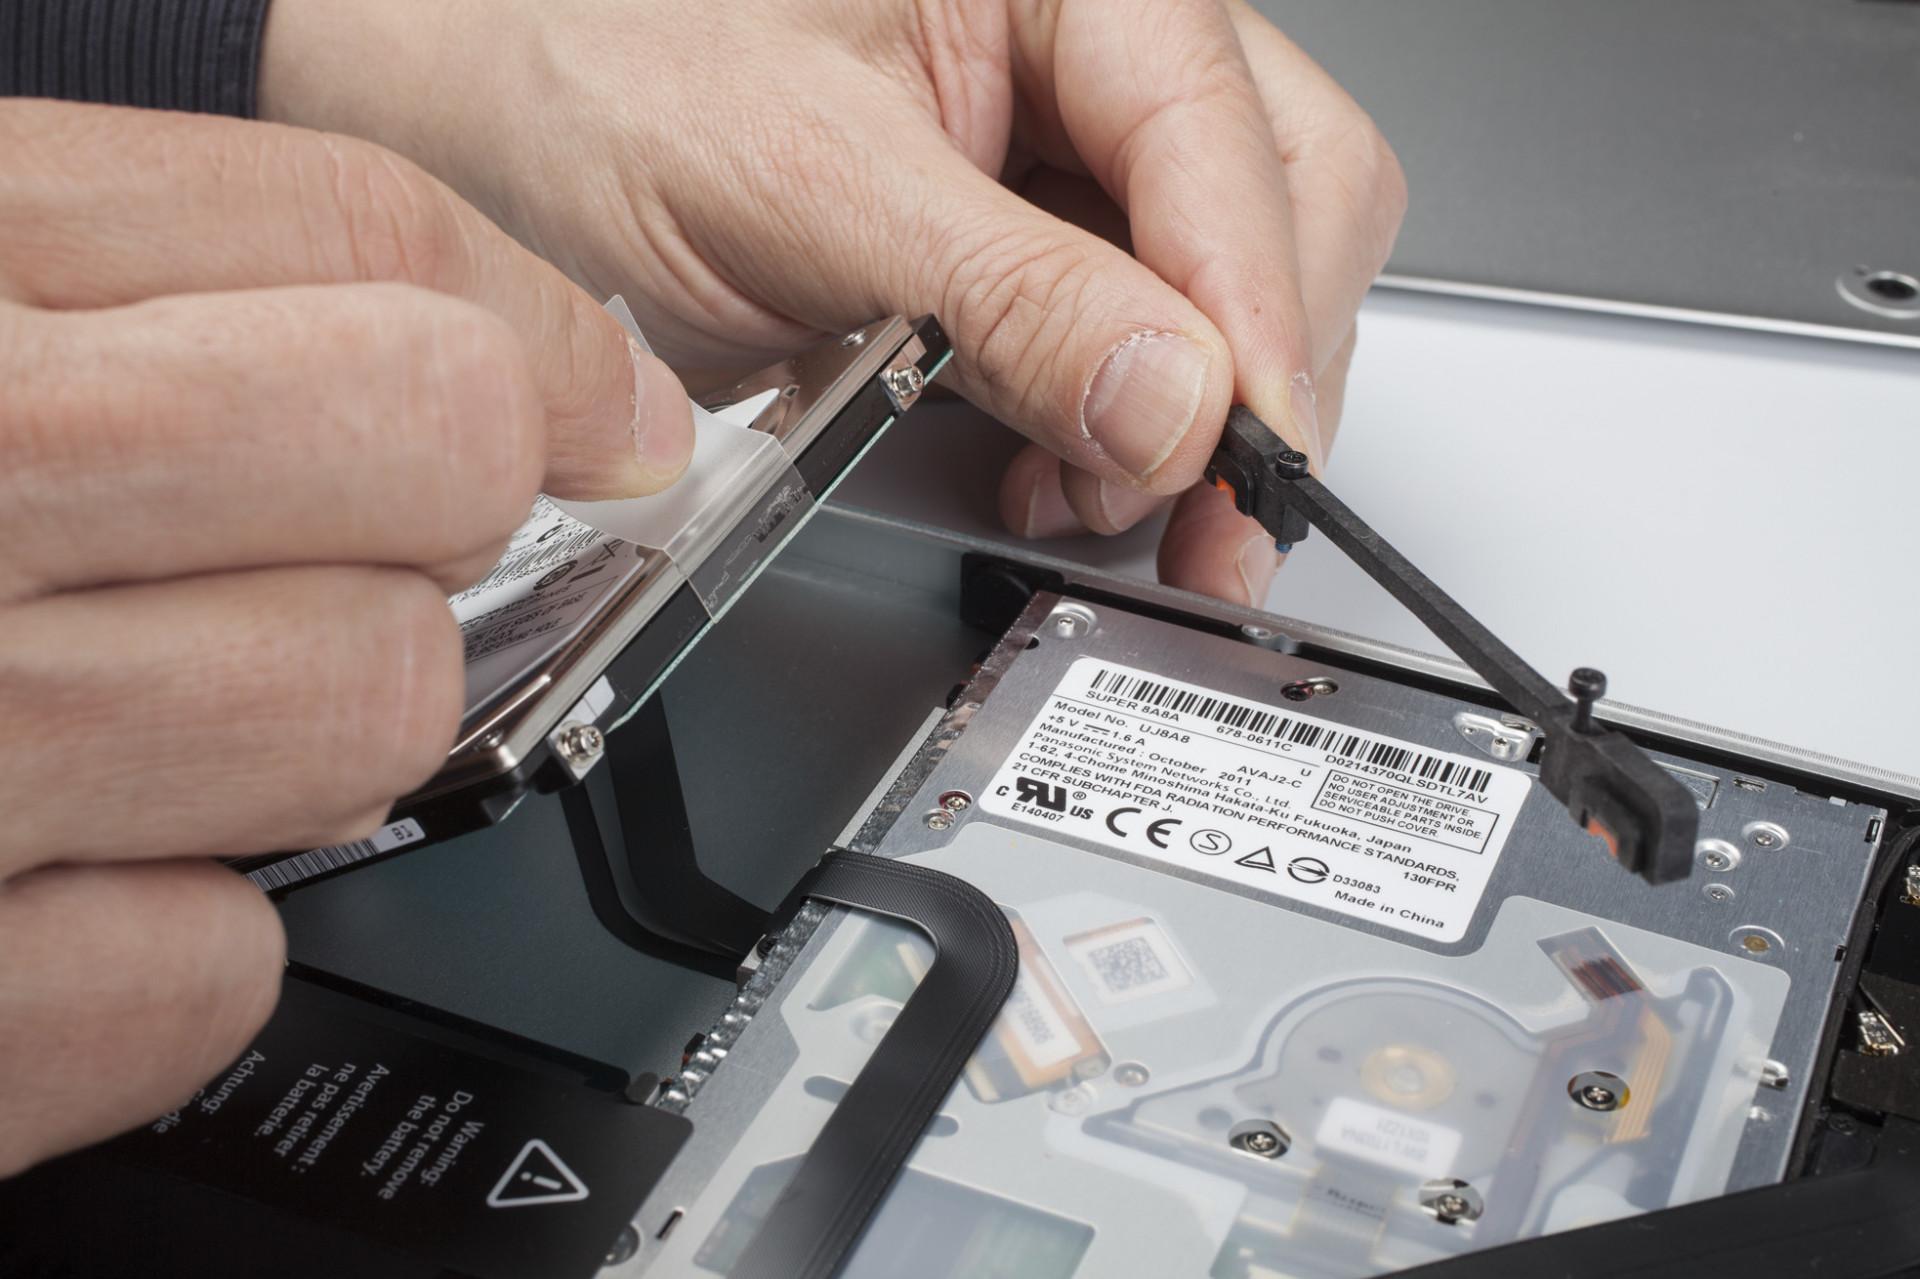 Ssd Im Mac Nachrsten Wie Es Bei Macbook Pro Und Air Geht Hardisk Internal Hardis Laptop Samsung 850 Evo 25 Inch Sata 250gb Teil 2 I